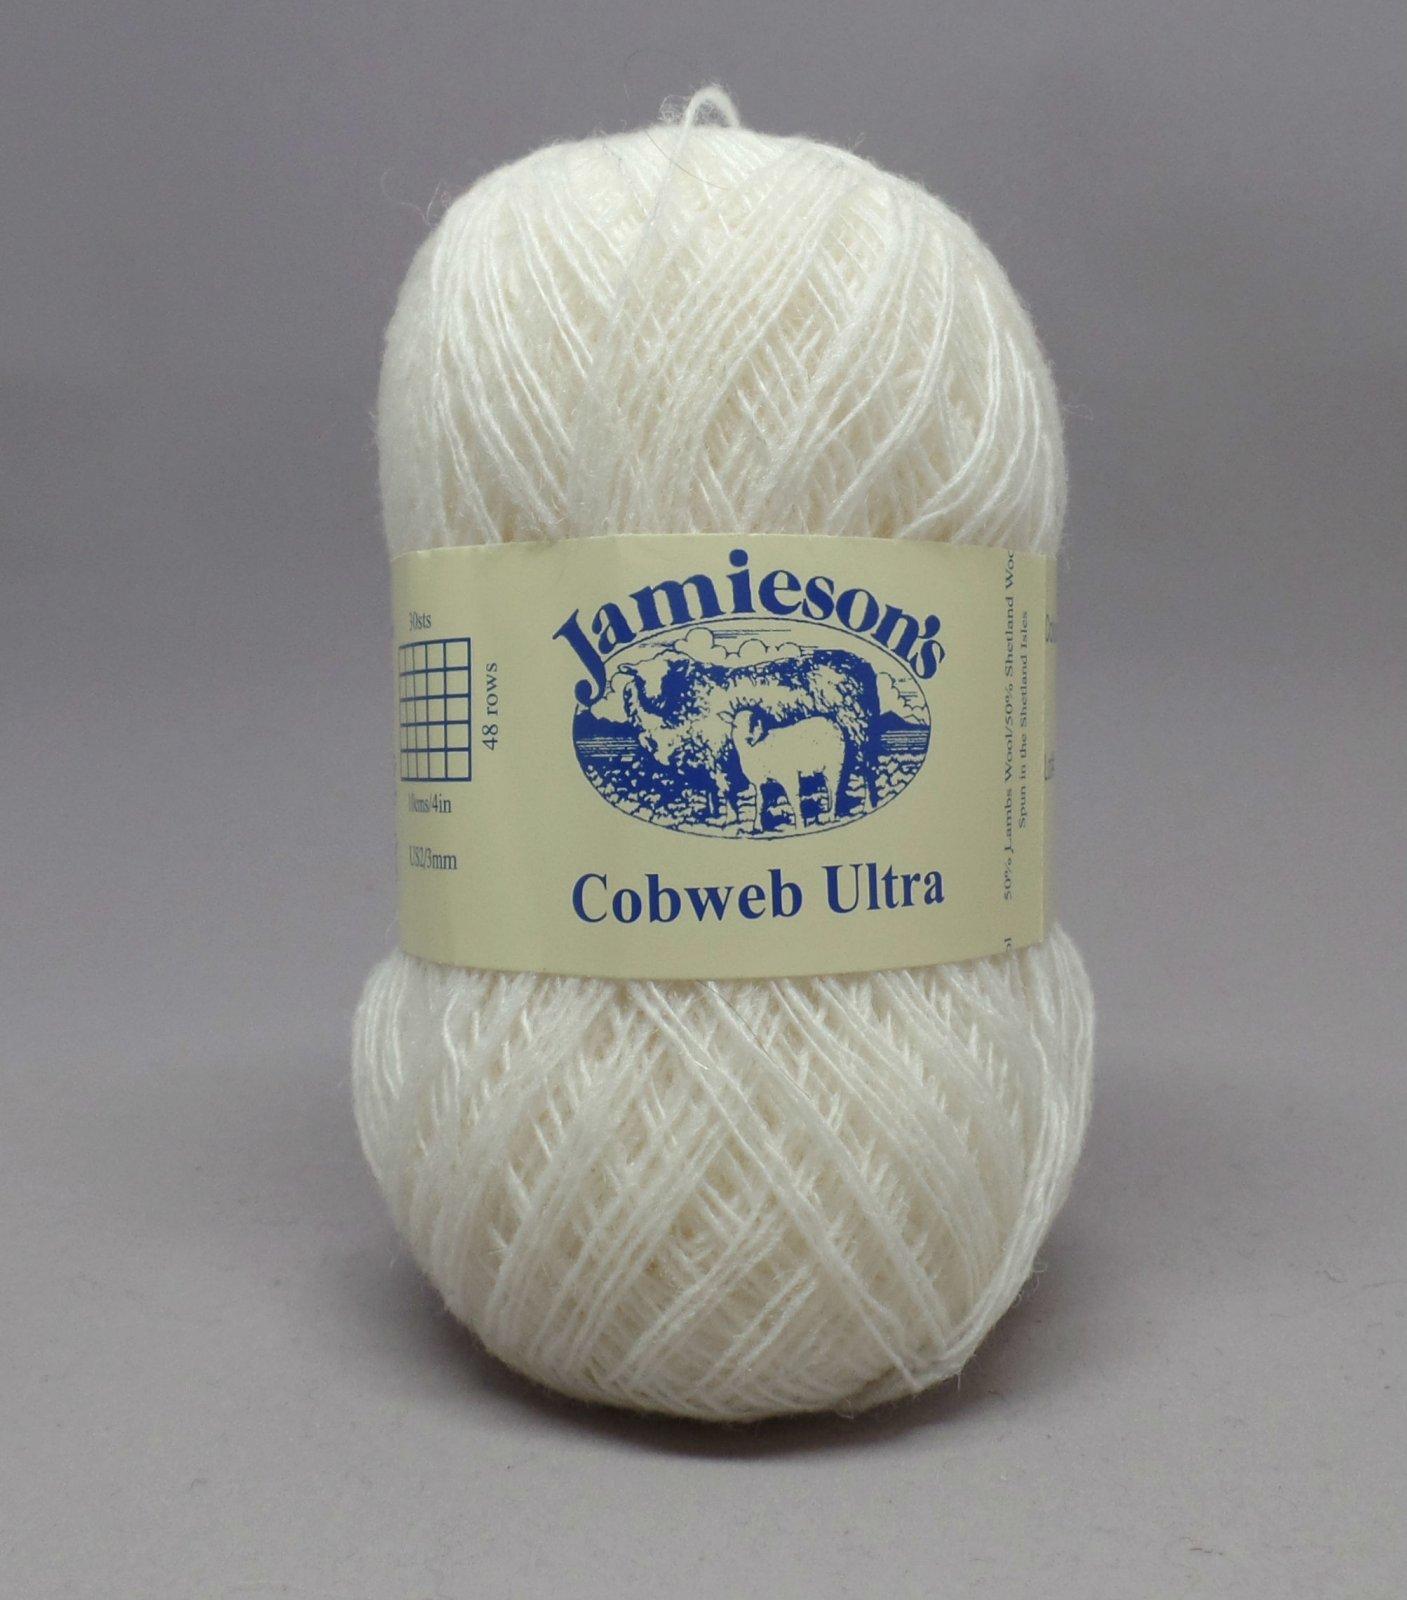 Jamieson's Cobweb Ultra